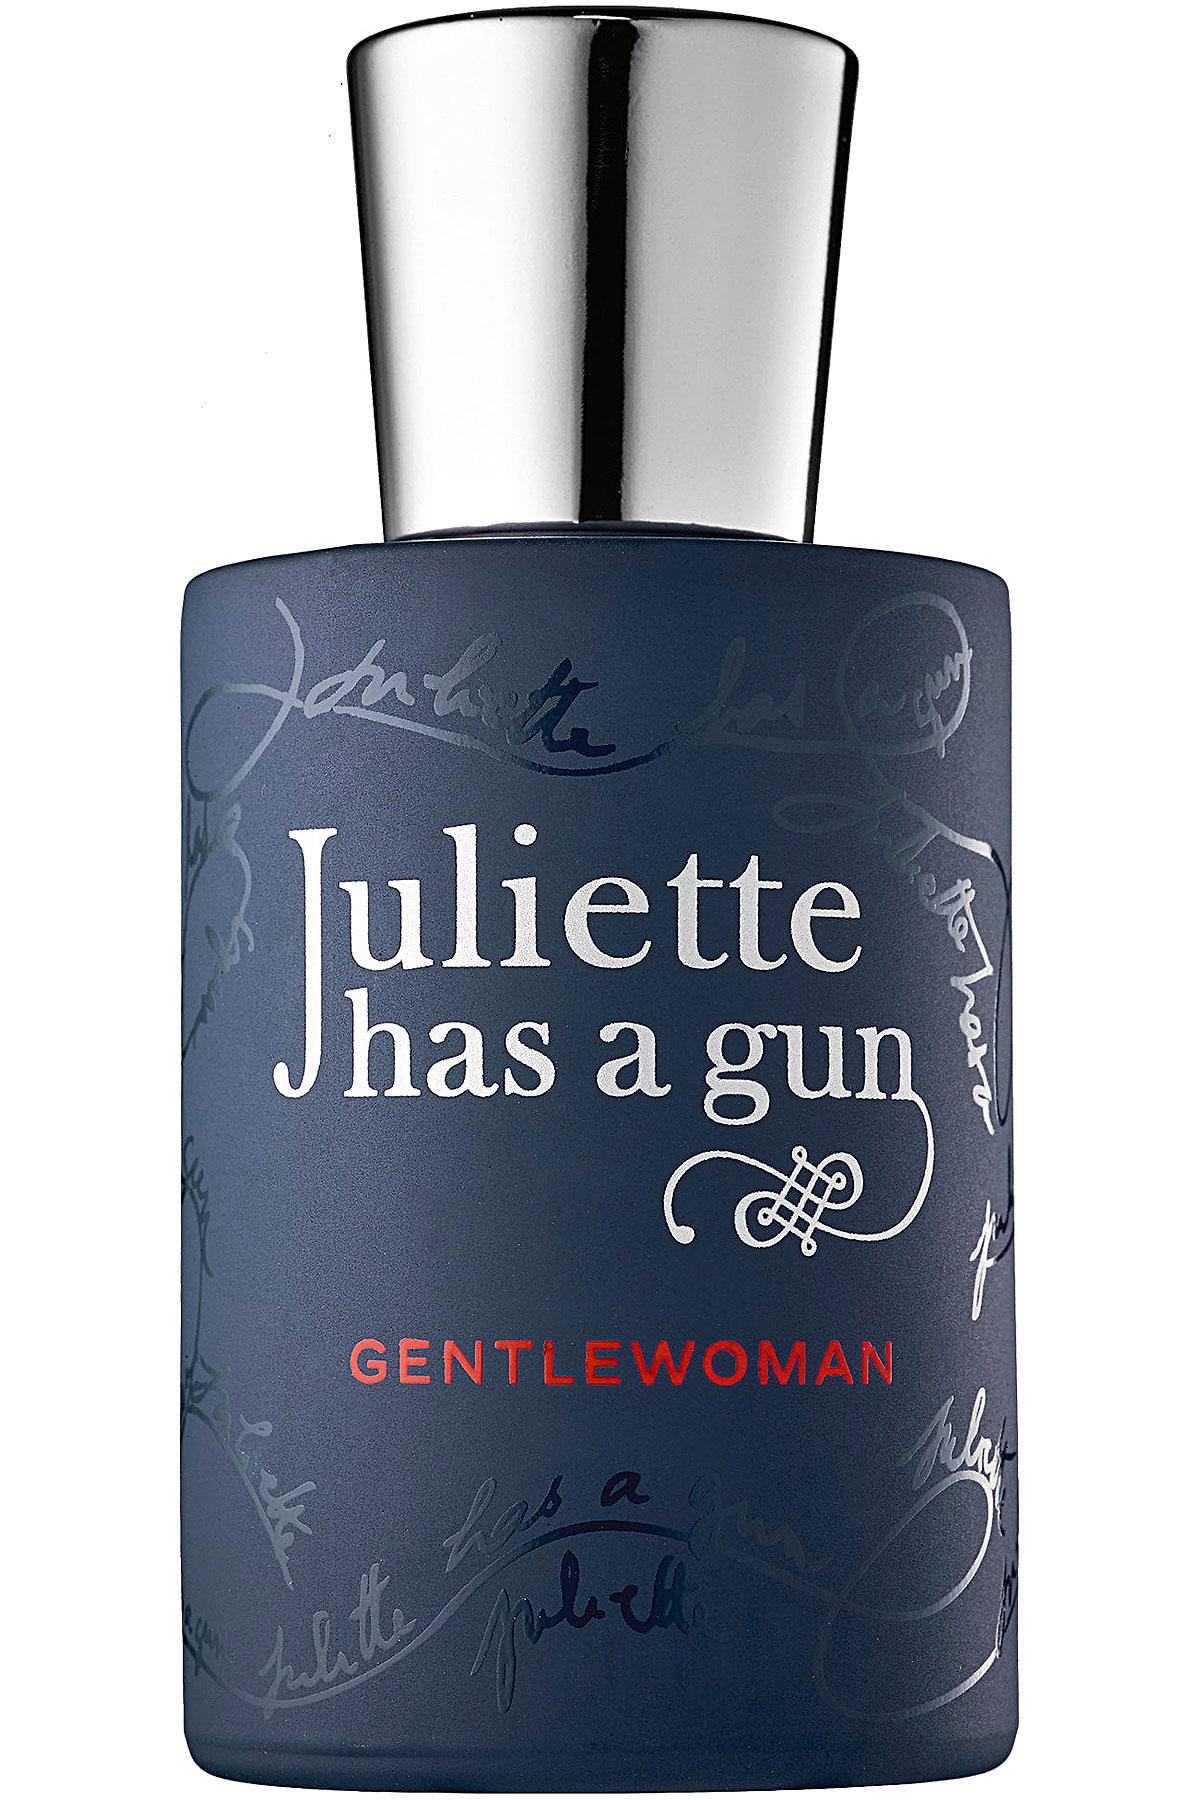 Juliette Has A Gun Fragrances for Women On Sale, Gentlewoman - Eau De Parfum, 2019, 50 ml 100 ml